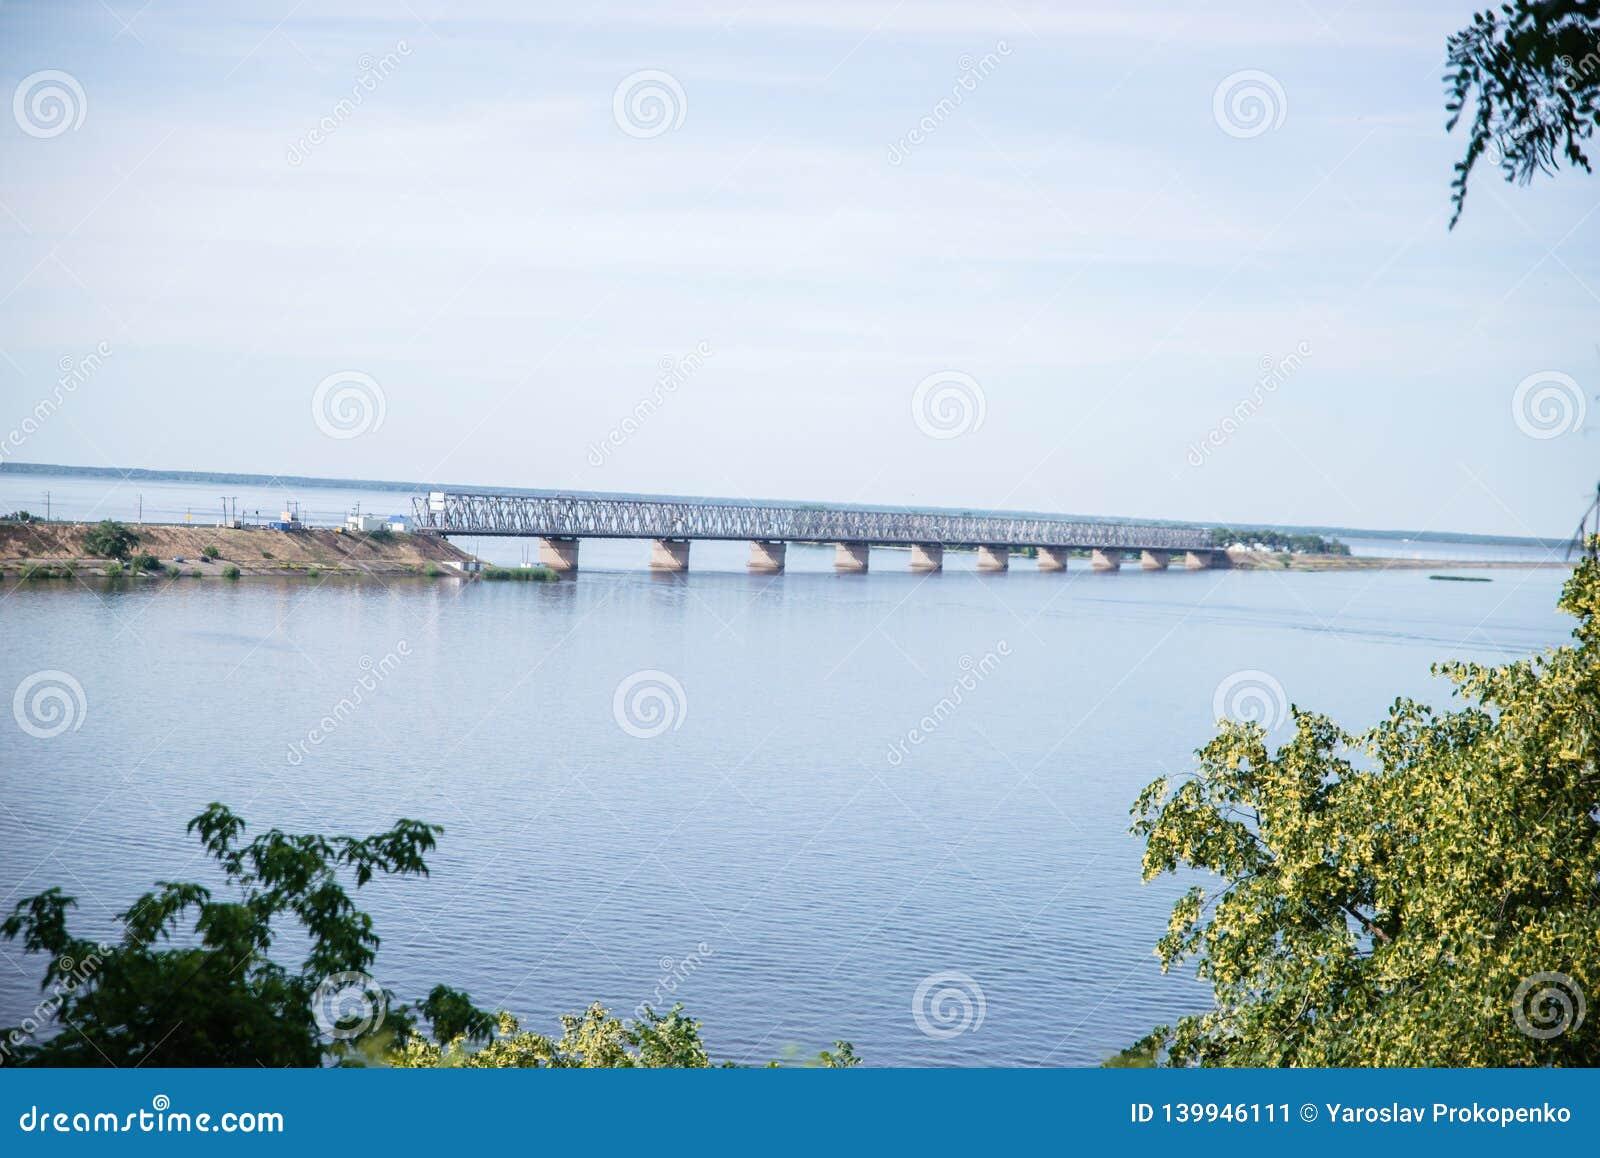 Dnepr River. On a summer sunny day. Cherkassy.